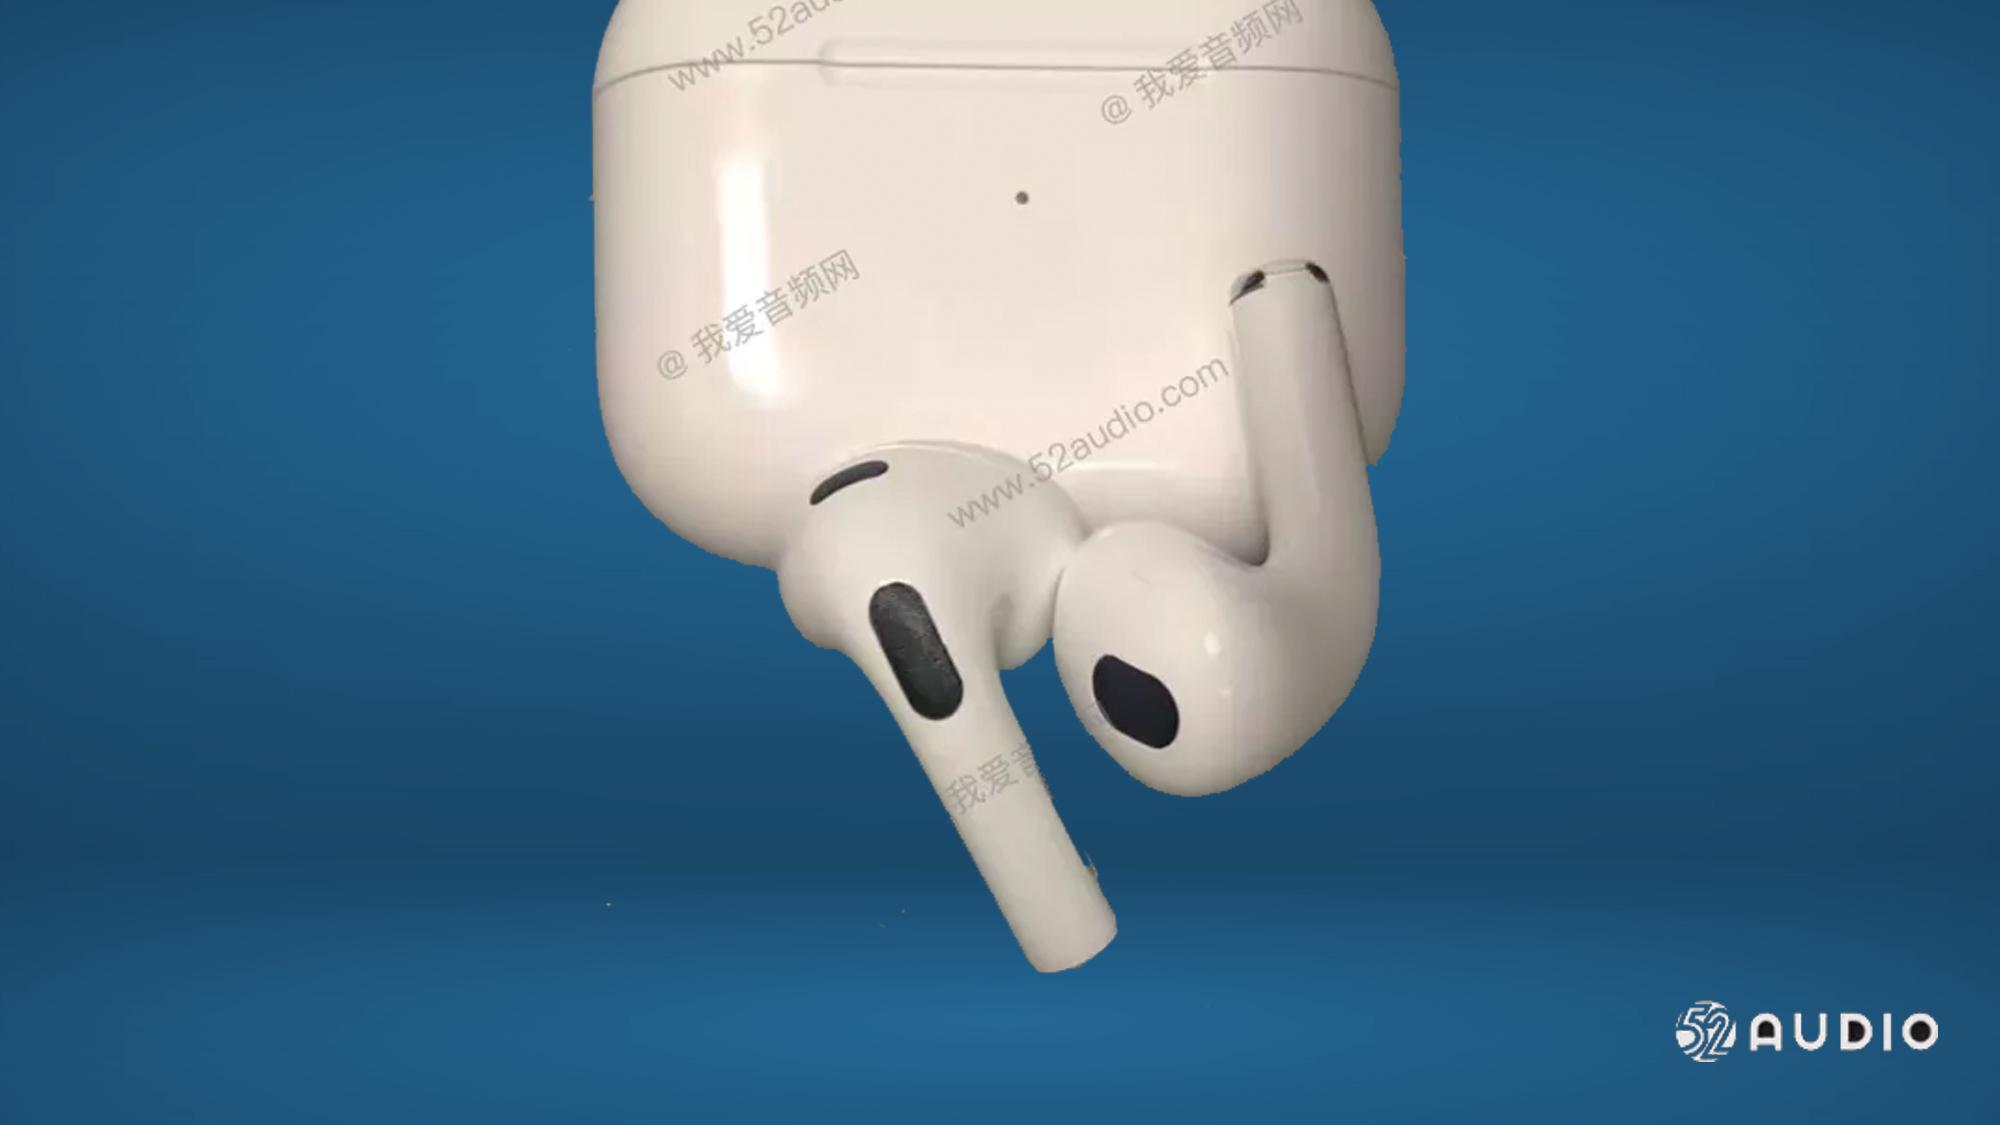 Evento Apple di aprile: perdita di design di AirPods 3